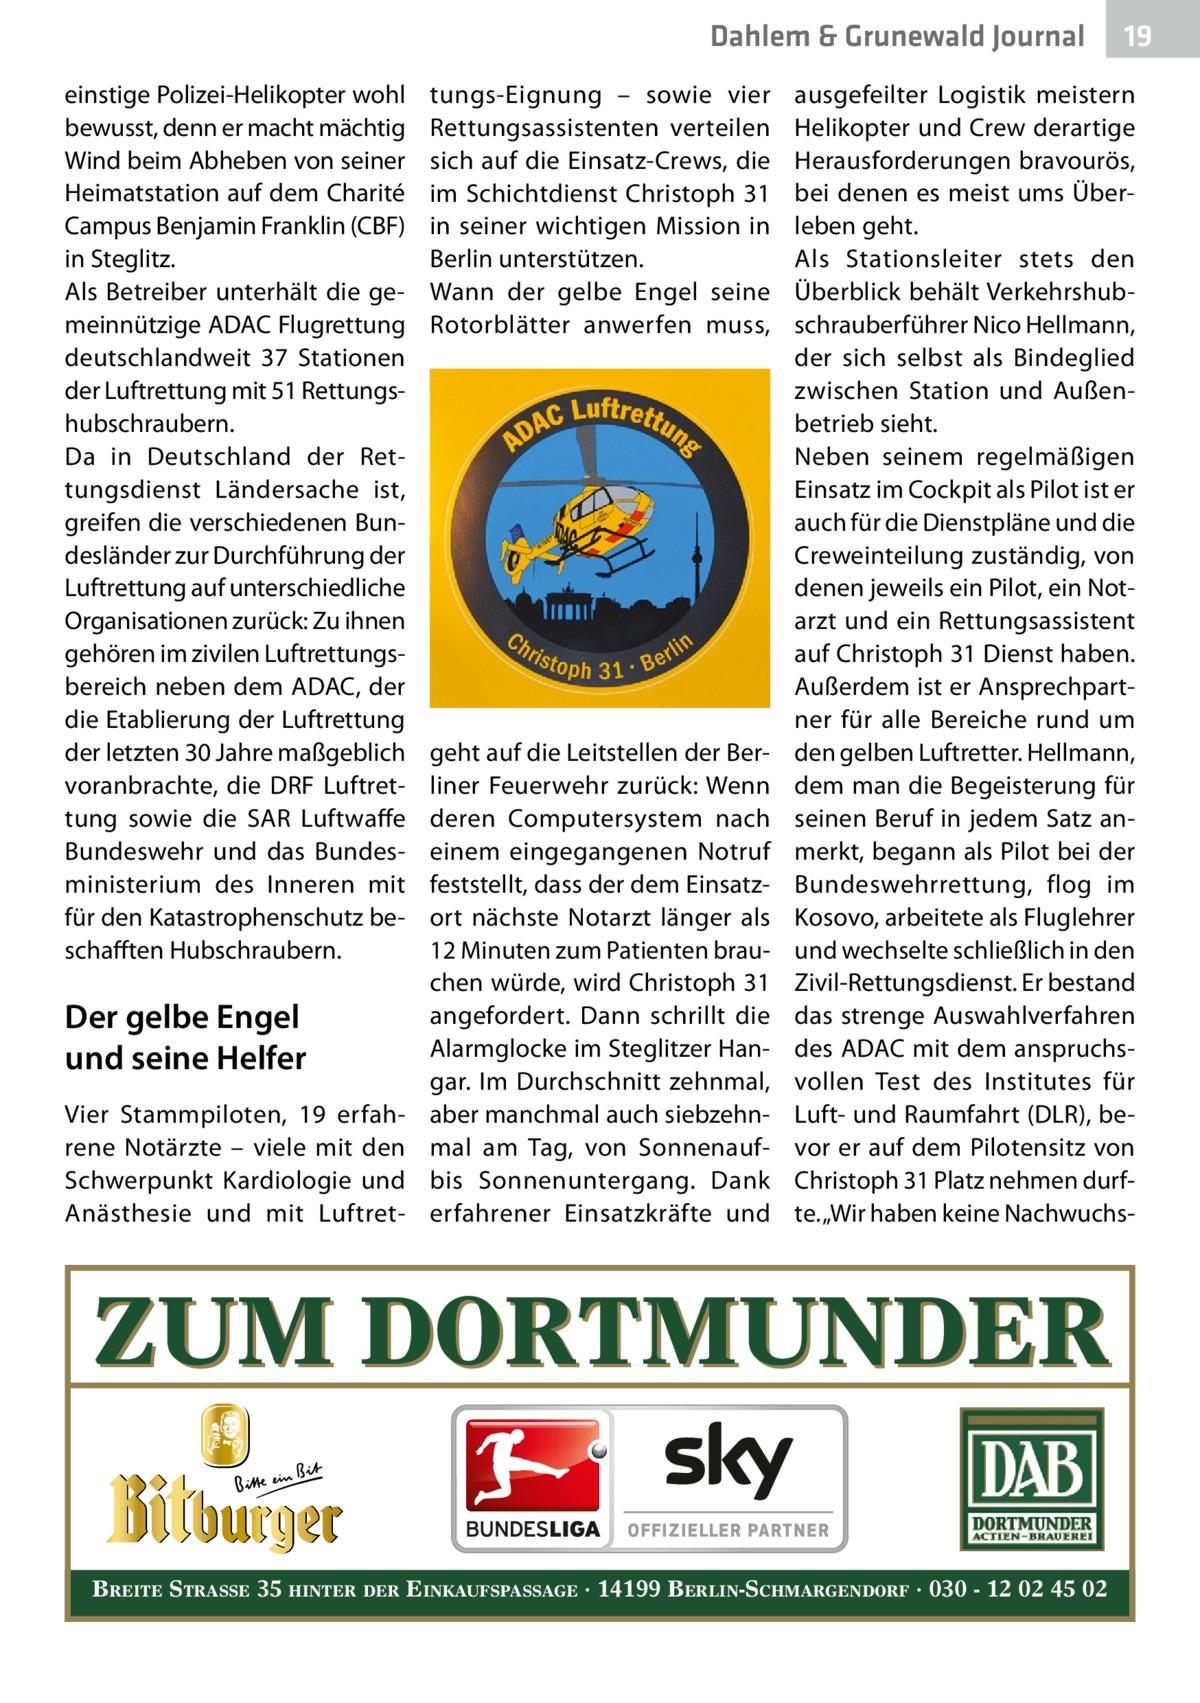 Dahlem & Grunewald Journal einstige Polizei-Helikopter wohl bewusst, denn er macht mächtig Wind beim Abheben von seiner Heimatstation auf dem Charité Campus Benjamin Franklin (CBF) in Steglitz. Als Betreiber unterhält die gemeinnützige ADAC Flugrettung deutschlandweit 37 Stationen der Luftrettung mit 51Rettungshubschraubern. Da in Deutschland der Rettungsdienst Ländersache ist, greifen die verschiedenen Bundesländer zur Durchführung der Luftrettung auf unterschiedliche Organisationen zurück: Zu ihnen gehören im zivilen Luftrettungsbereich neben dem ADAC, der die Etablierung der Luftrettung der letzten 30Jahre maßgeblich voranbrachte, die DRF Luftrettung sowie die SAR Luftwaffe Bundeswehr und das Bundesministerium des Inneren mit für den Katastrophenschutz beschafften Hubschraubern.  Der gelbe Engel und seine Helfer Vier Stammpiloten, 19 erfahrene Notärzte – viele mit den Schwerpunkt Kardiologie und Anästhesie und mit Luftret tungs-Eignung – sowie vier Rettungsassistenten verteilen sich auf die Einsatz-Crews, die im Schichtdienst Christoph31 in seiner wichtigen Mission in Berlin unterstützen. Wann der gelbe Engel seine Rotorblätter anwerfen muss,  geht auf die Leitstellen der Berliner Feuerwehr zurück: Wenn deren Computersystem nach einem eingegangenen Notruf feststellt, dass der dem Einsatzort nächste Notarzt länger als 12Minuten zum Patienten brauchen würde, wird Christoph31 angefordert. Dann schrillt die Alarmglocke im Steglitzer Hangar. Im Durchschnitt zehnmal, aber manchmal auch siebzehnmal am Tag, von Sonnenaufbis Sonnenuntergang. Dank erfahrener Einsatzkräfte und  19 19  ausgefeilter Logistik meistern Helikopter und Crew derartige Herausforderungen bravourös, bei denen es meist ums Überleben geht. Als Stationsleiter stets den Überblick behält Verkehrshubschrauberführer Nico Hellmann, der sich selbst als Bindeglied zwischen Station und Außenbetrieb sieht. Neben seinem regelmäßigen Einsatz im Cockpit als Pilot ist er auch für die Dienstpläne und die Creweinteilu